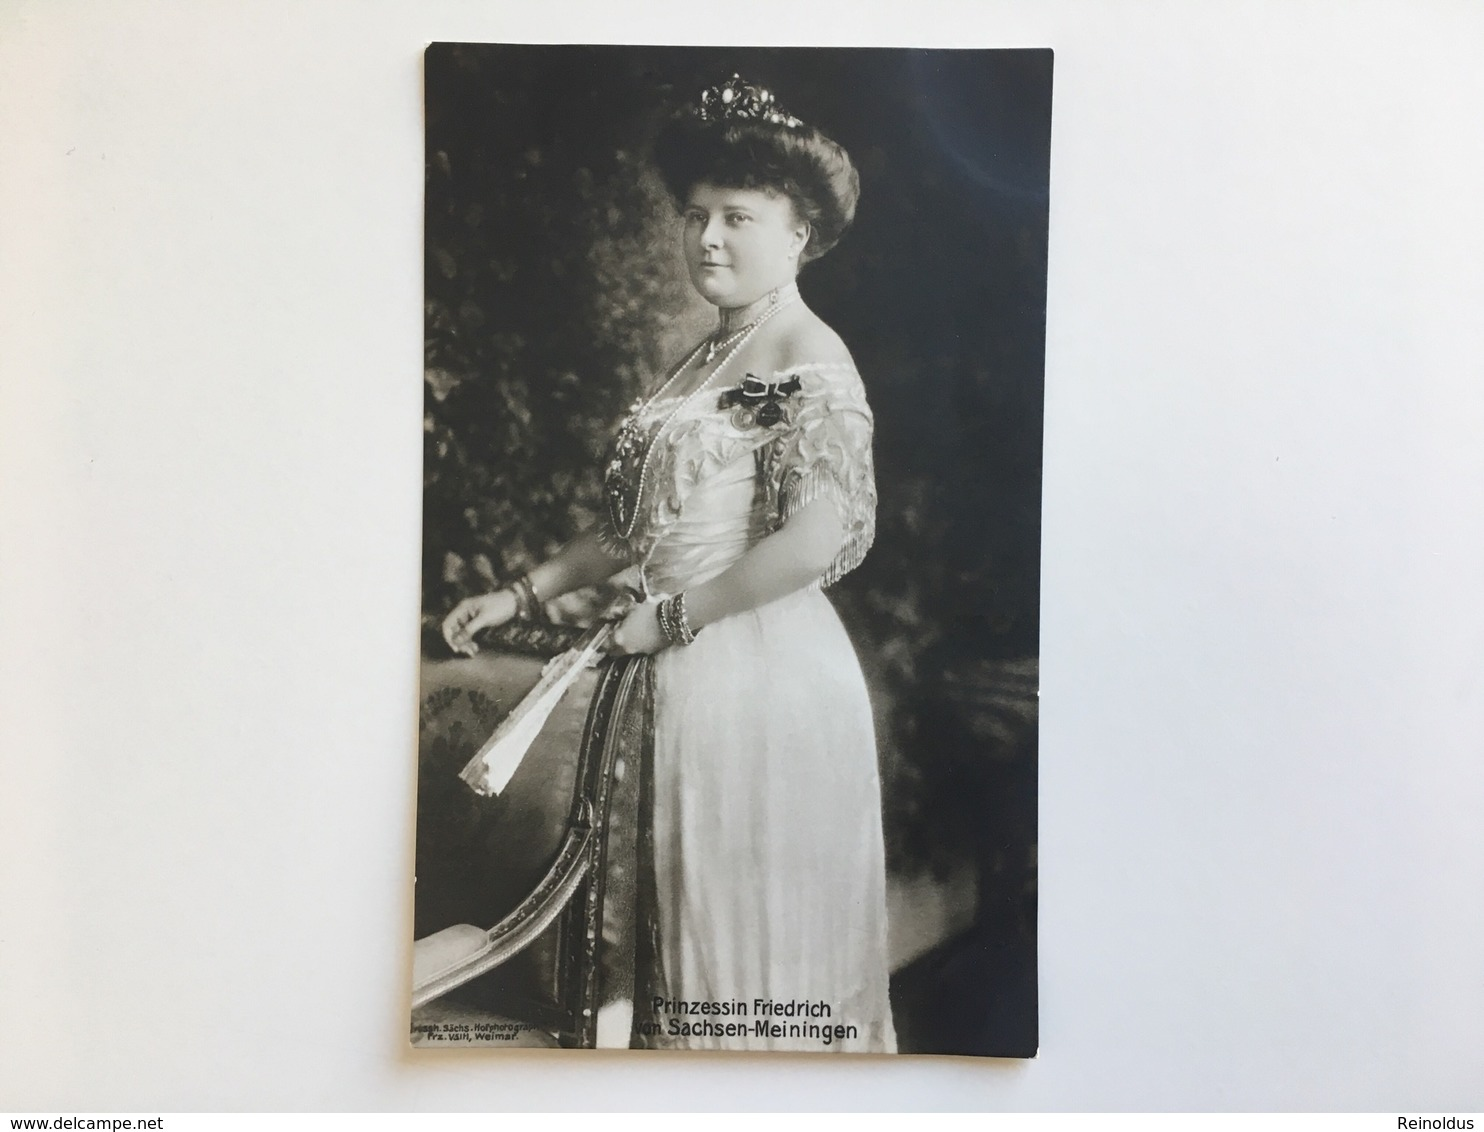 AK Adel Prinzessin Friedrich Von Sachsen Meiningen - Familles Royales